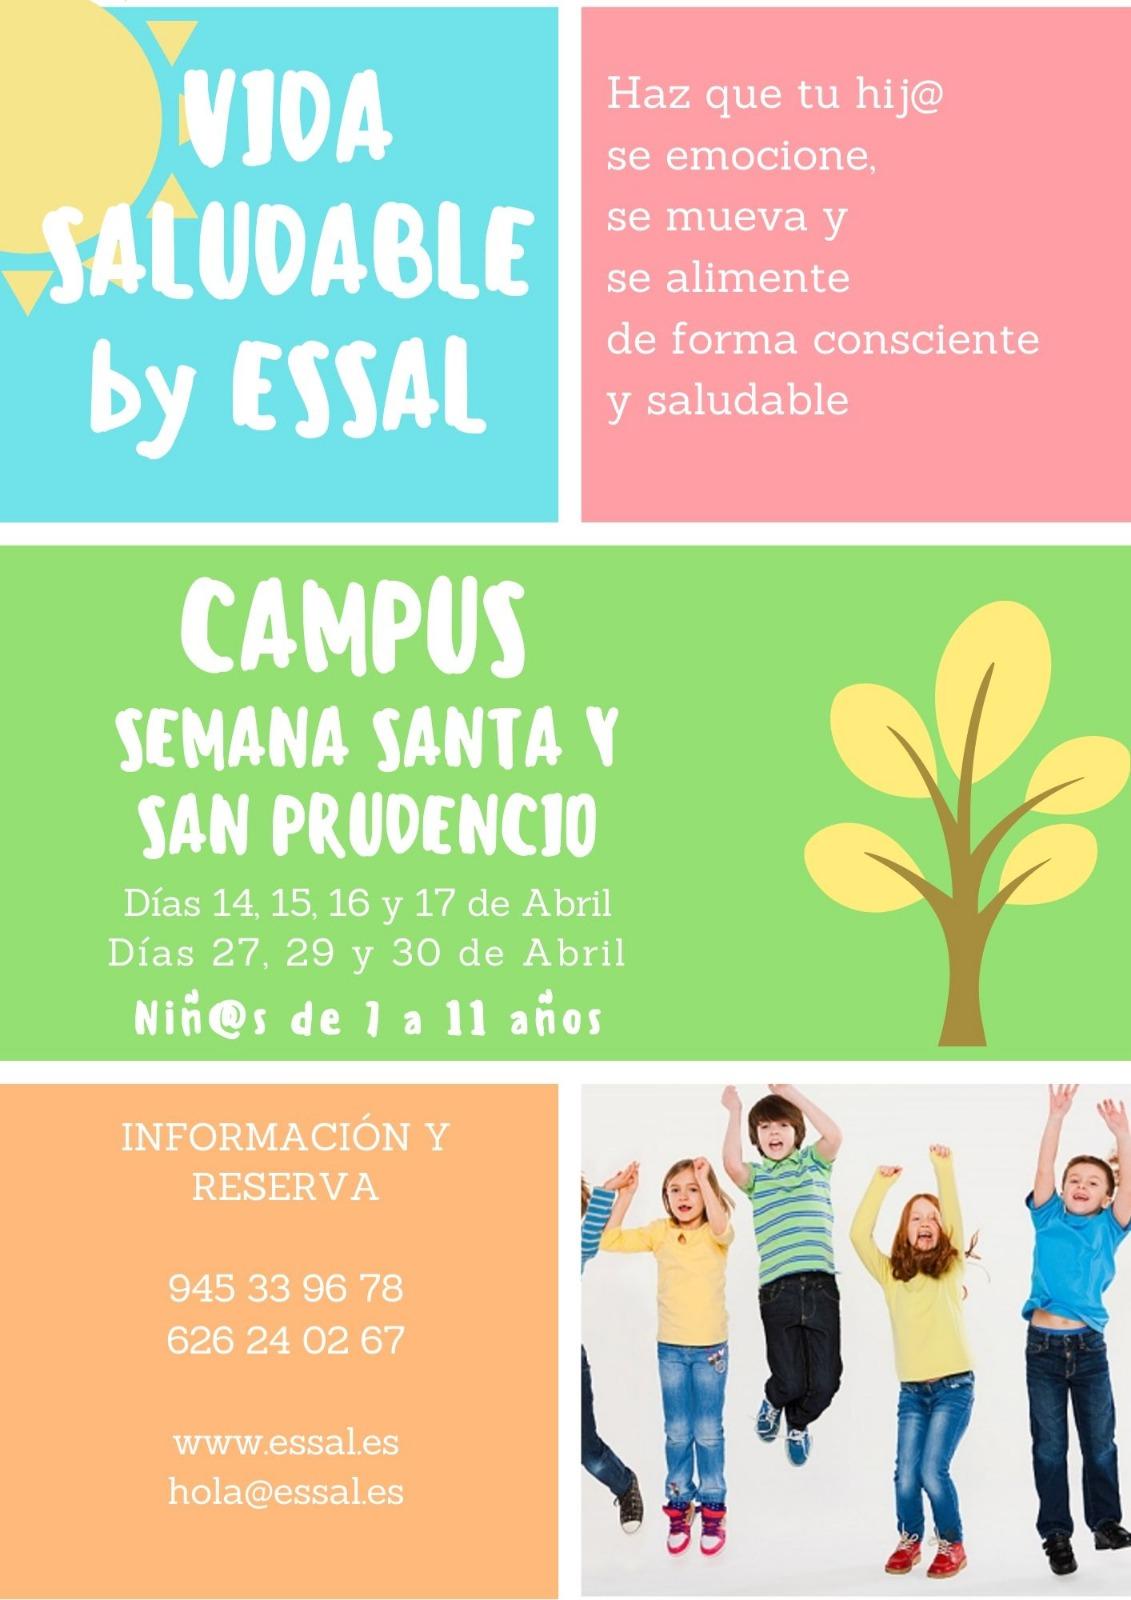 Campus de Semana Santa y San Prudencio en Vitoria para niños de 7 a 11 años